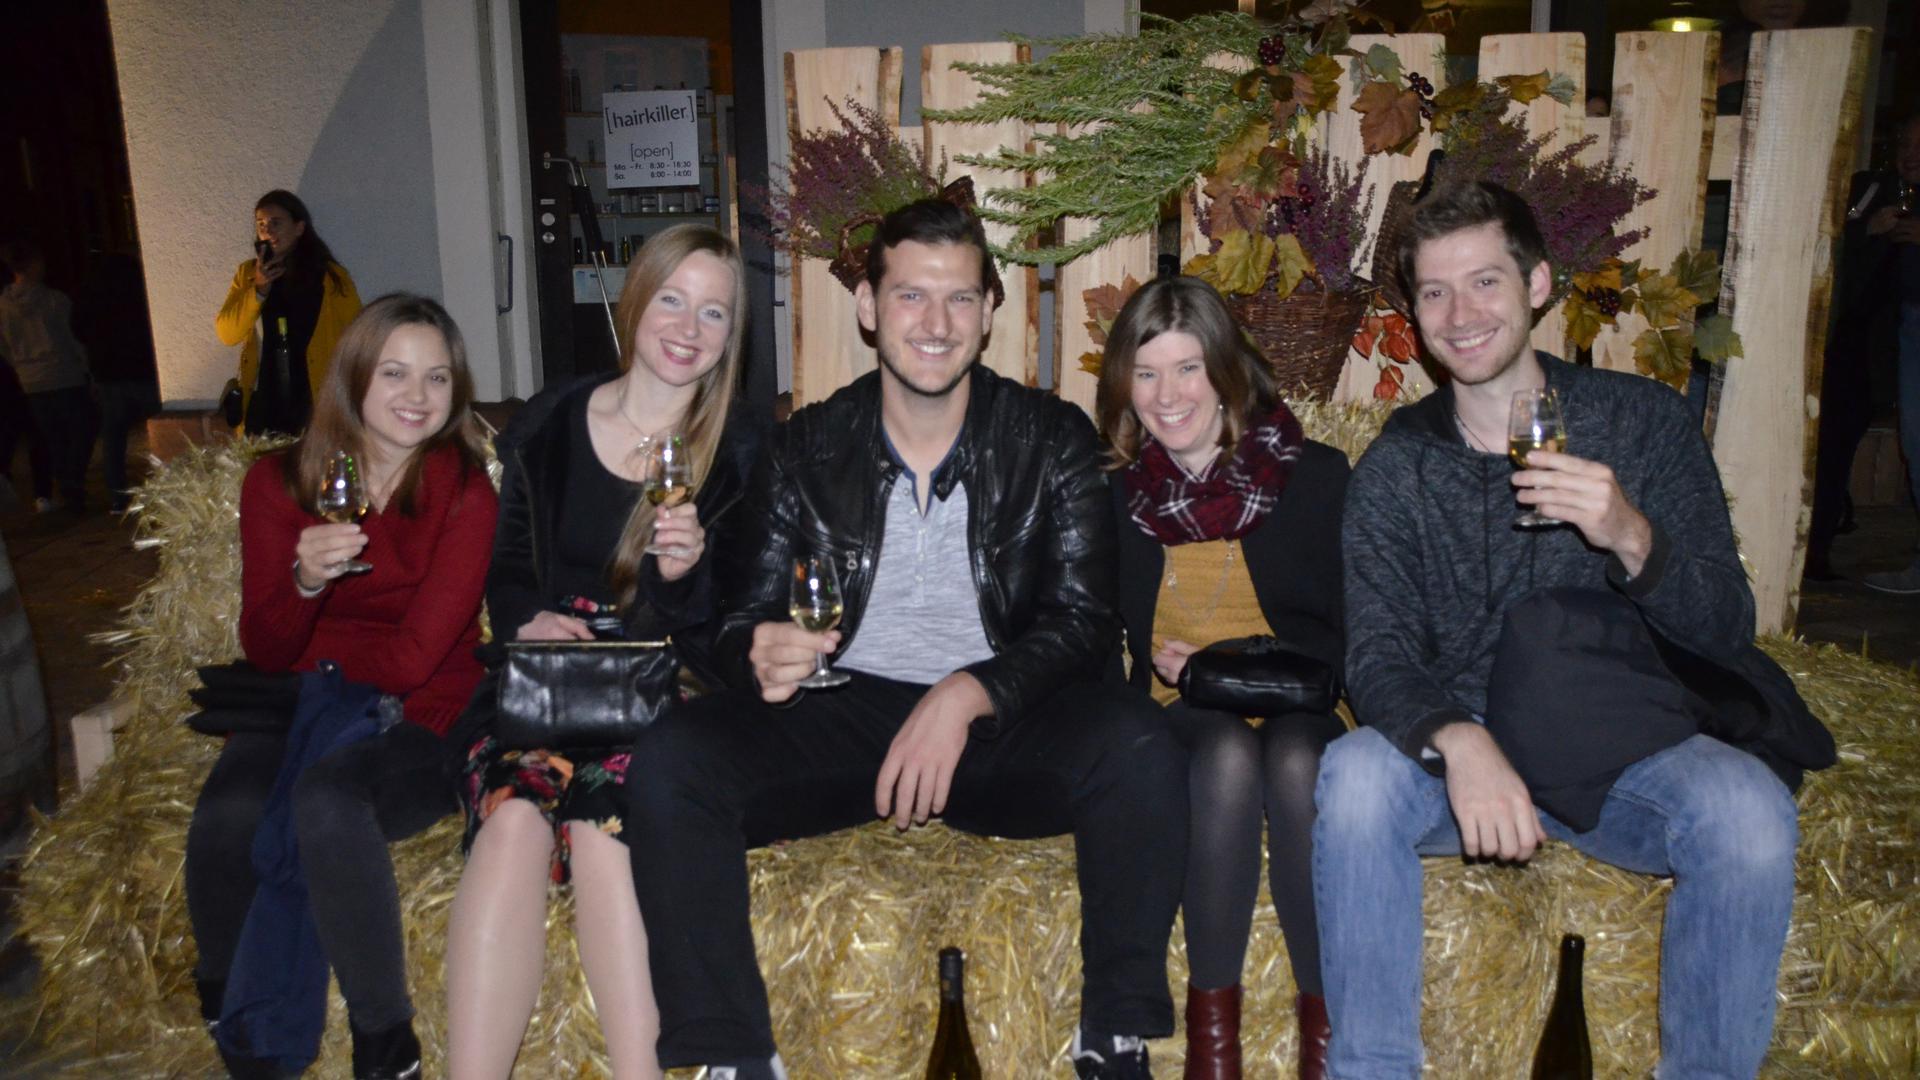 Mehrere Personen mit Weingläsern sitzen auf Heuballen und prosten in die Kamera.